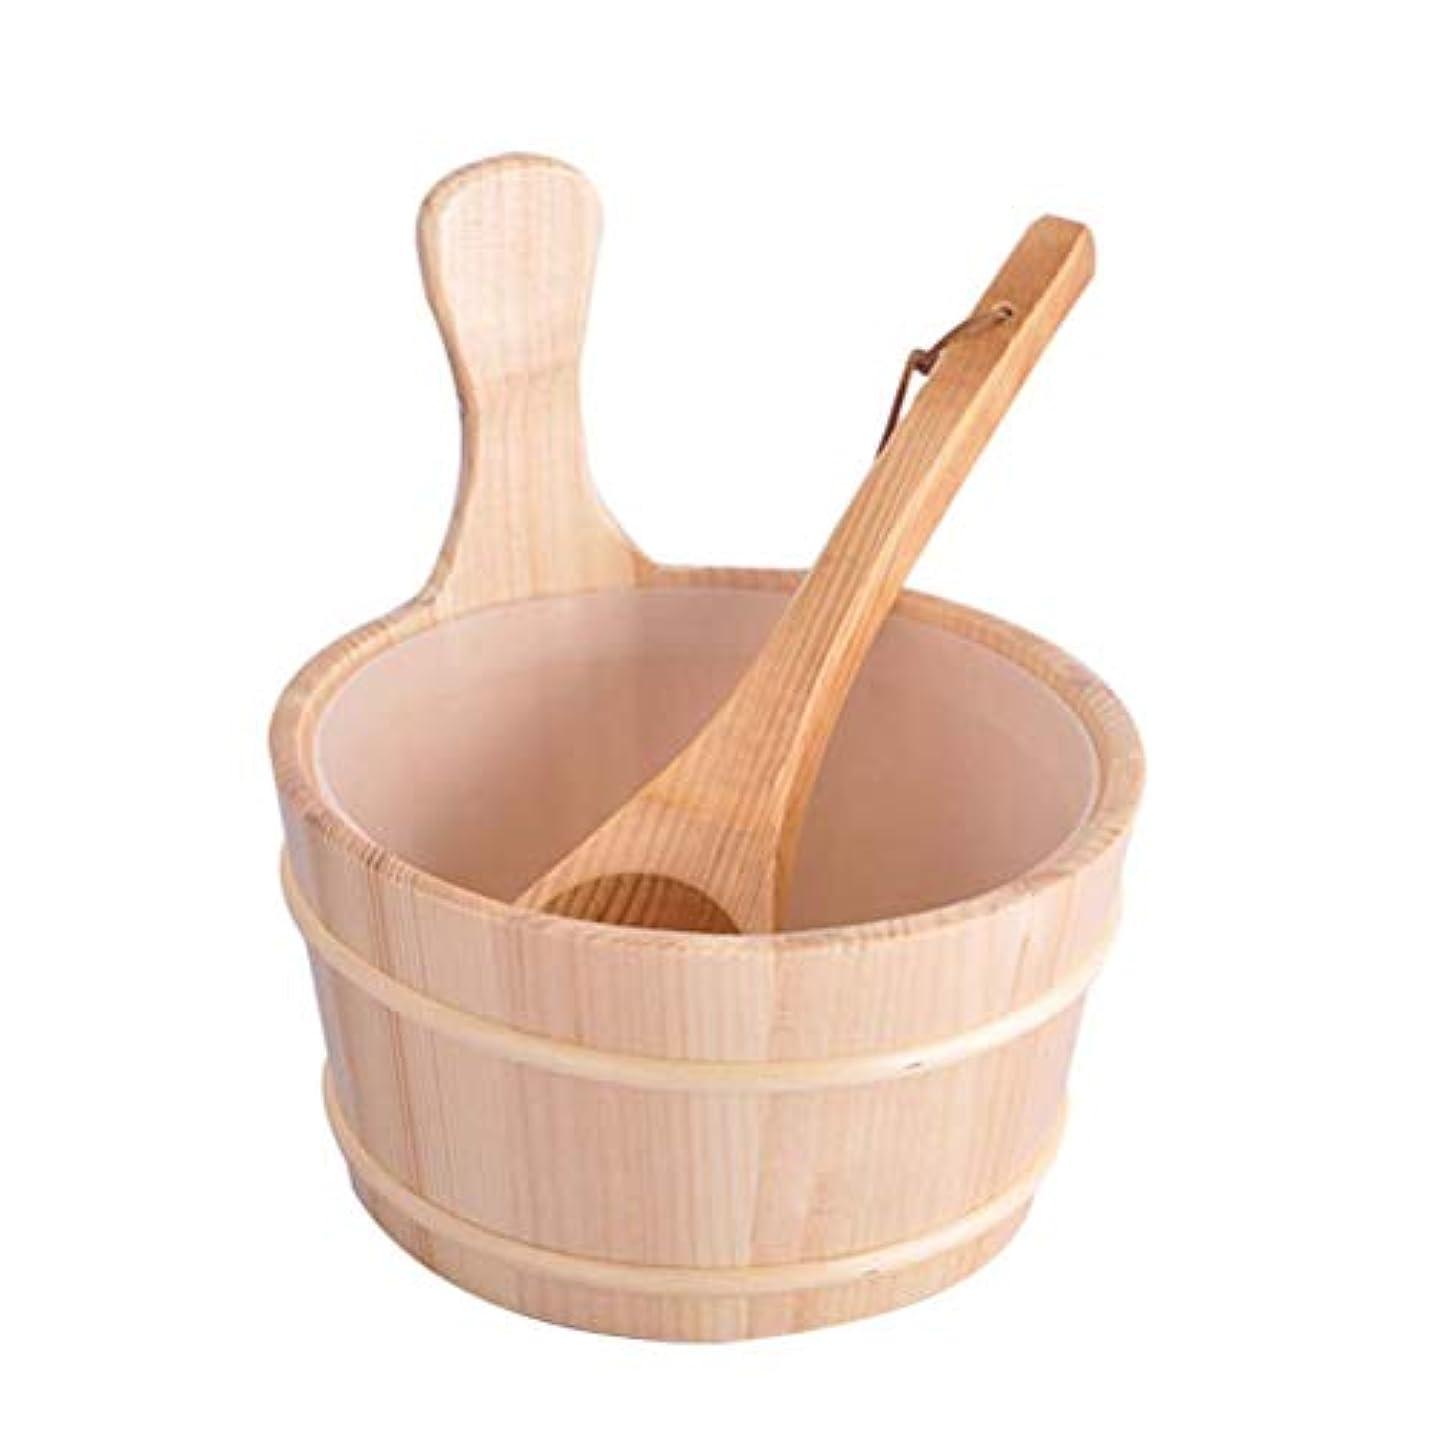 頭蓋骨興味貫入Healifty 木製バケツスプーン入浴バレルセットバケツ2個(ニュートラルスタイル)